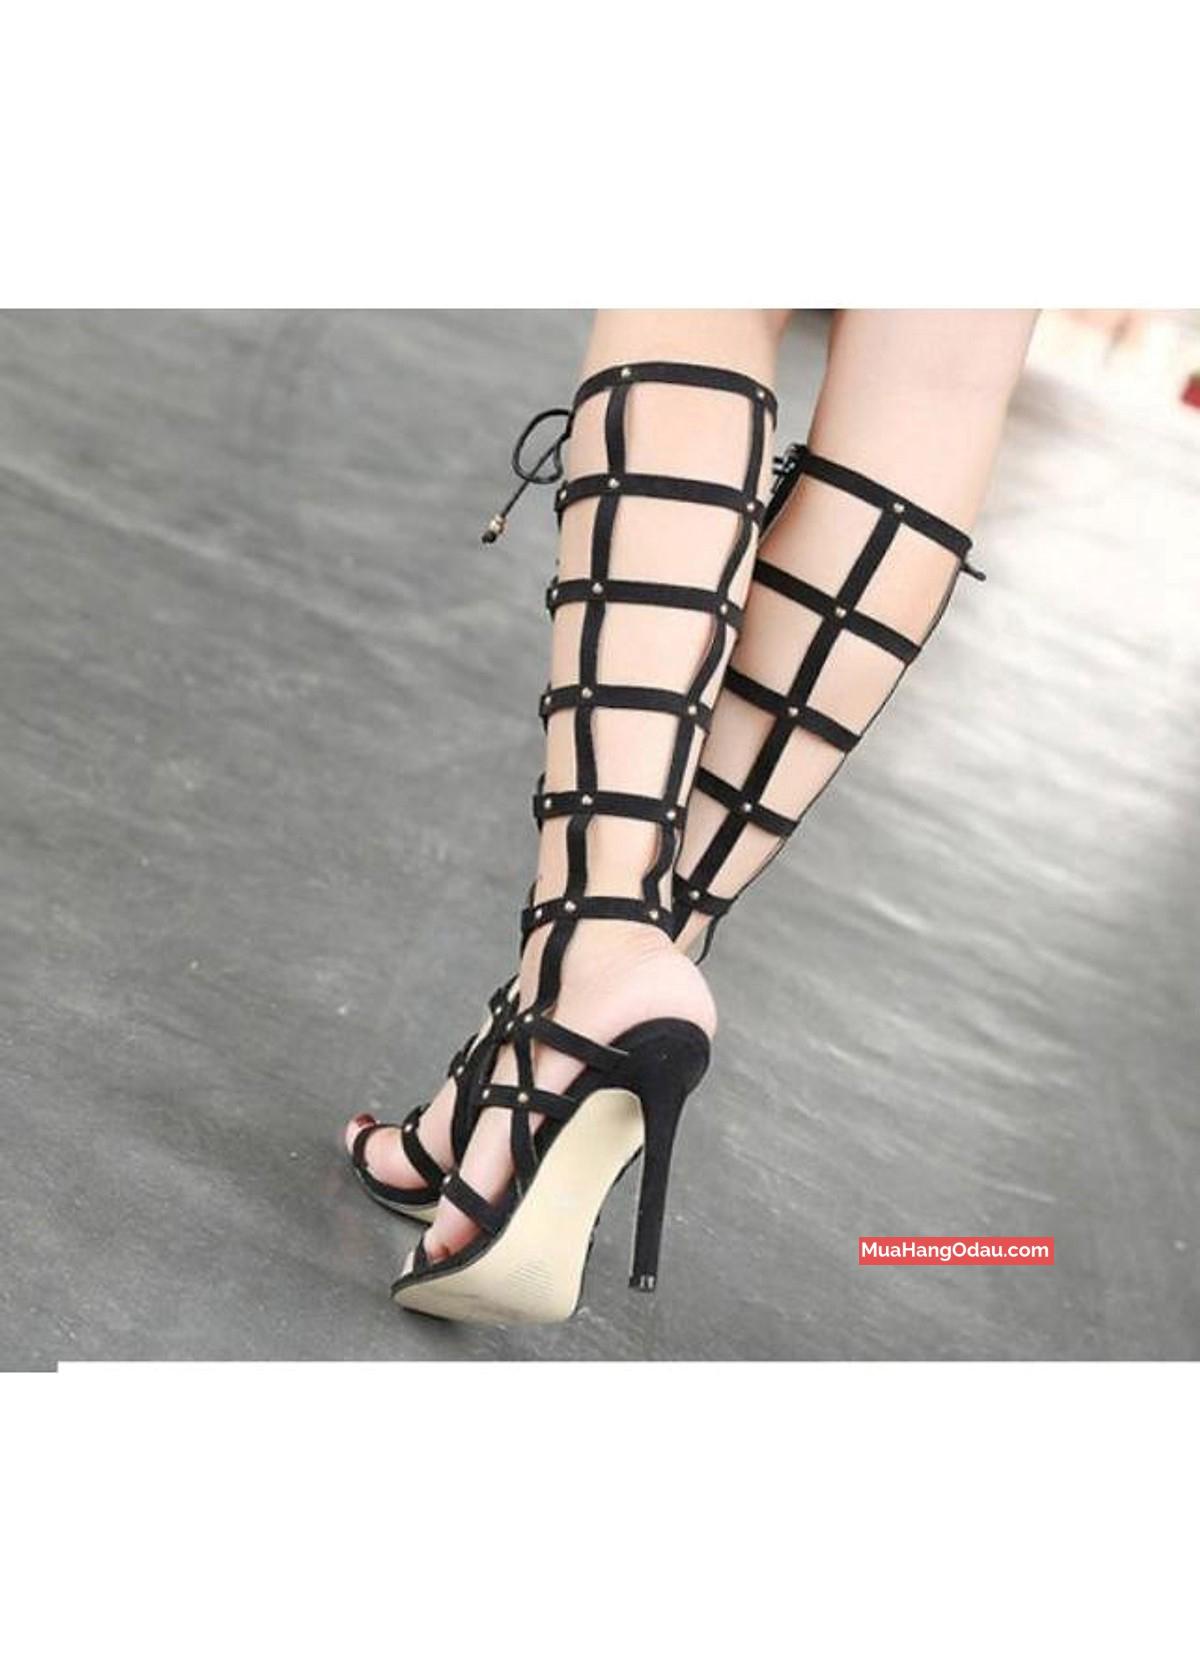 Giày sandal cao gót chiến binh cột dây ngang gối 2